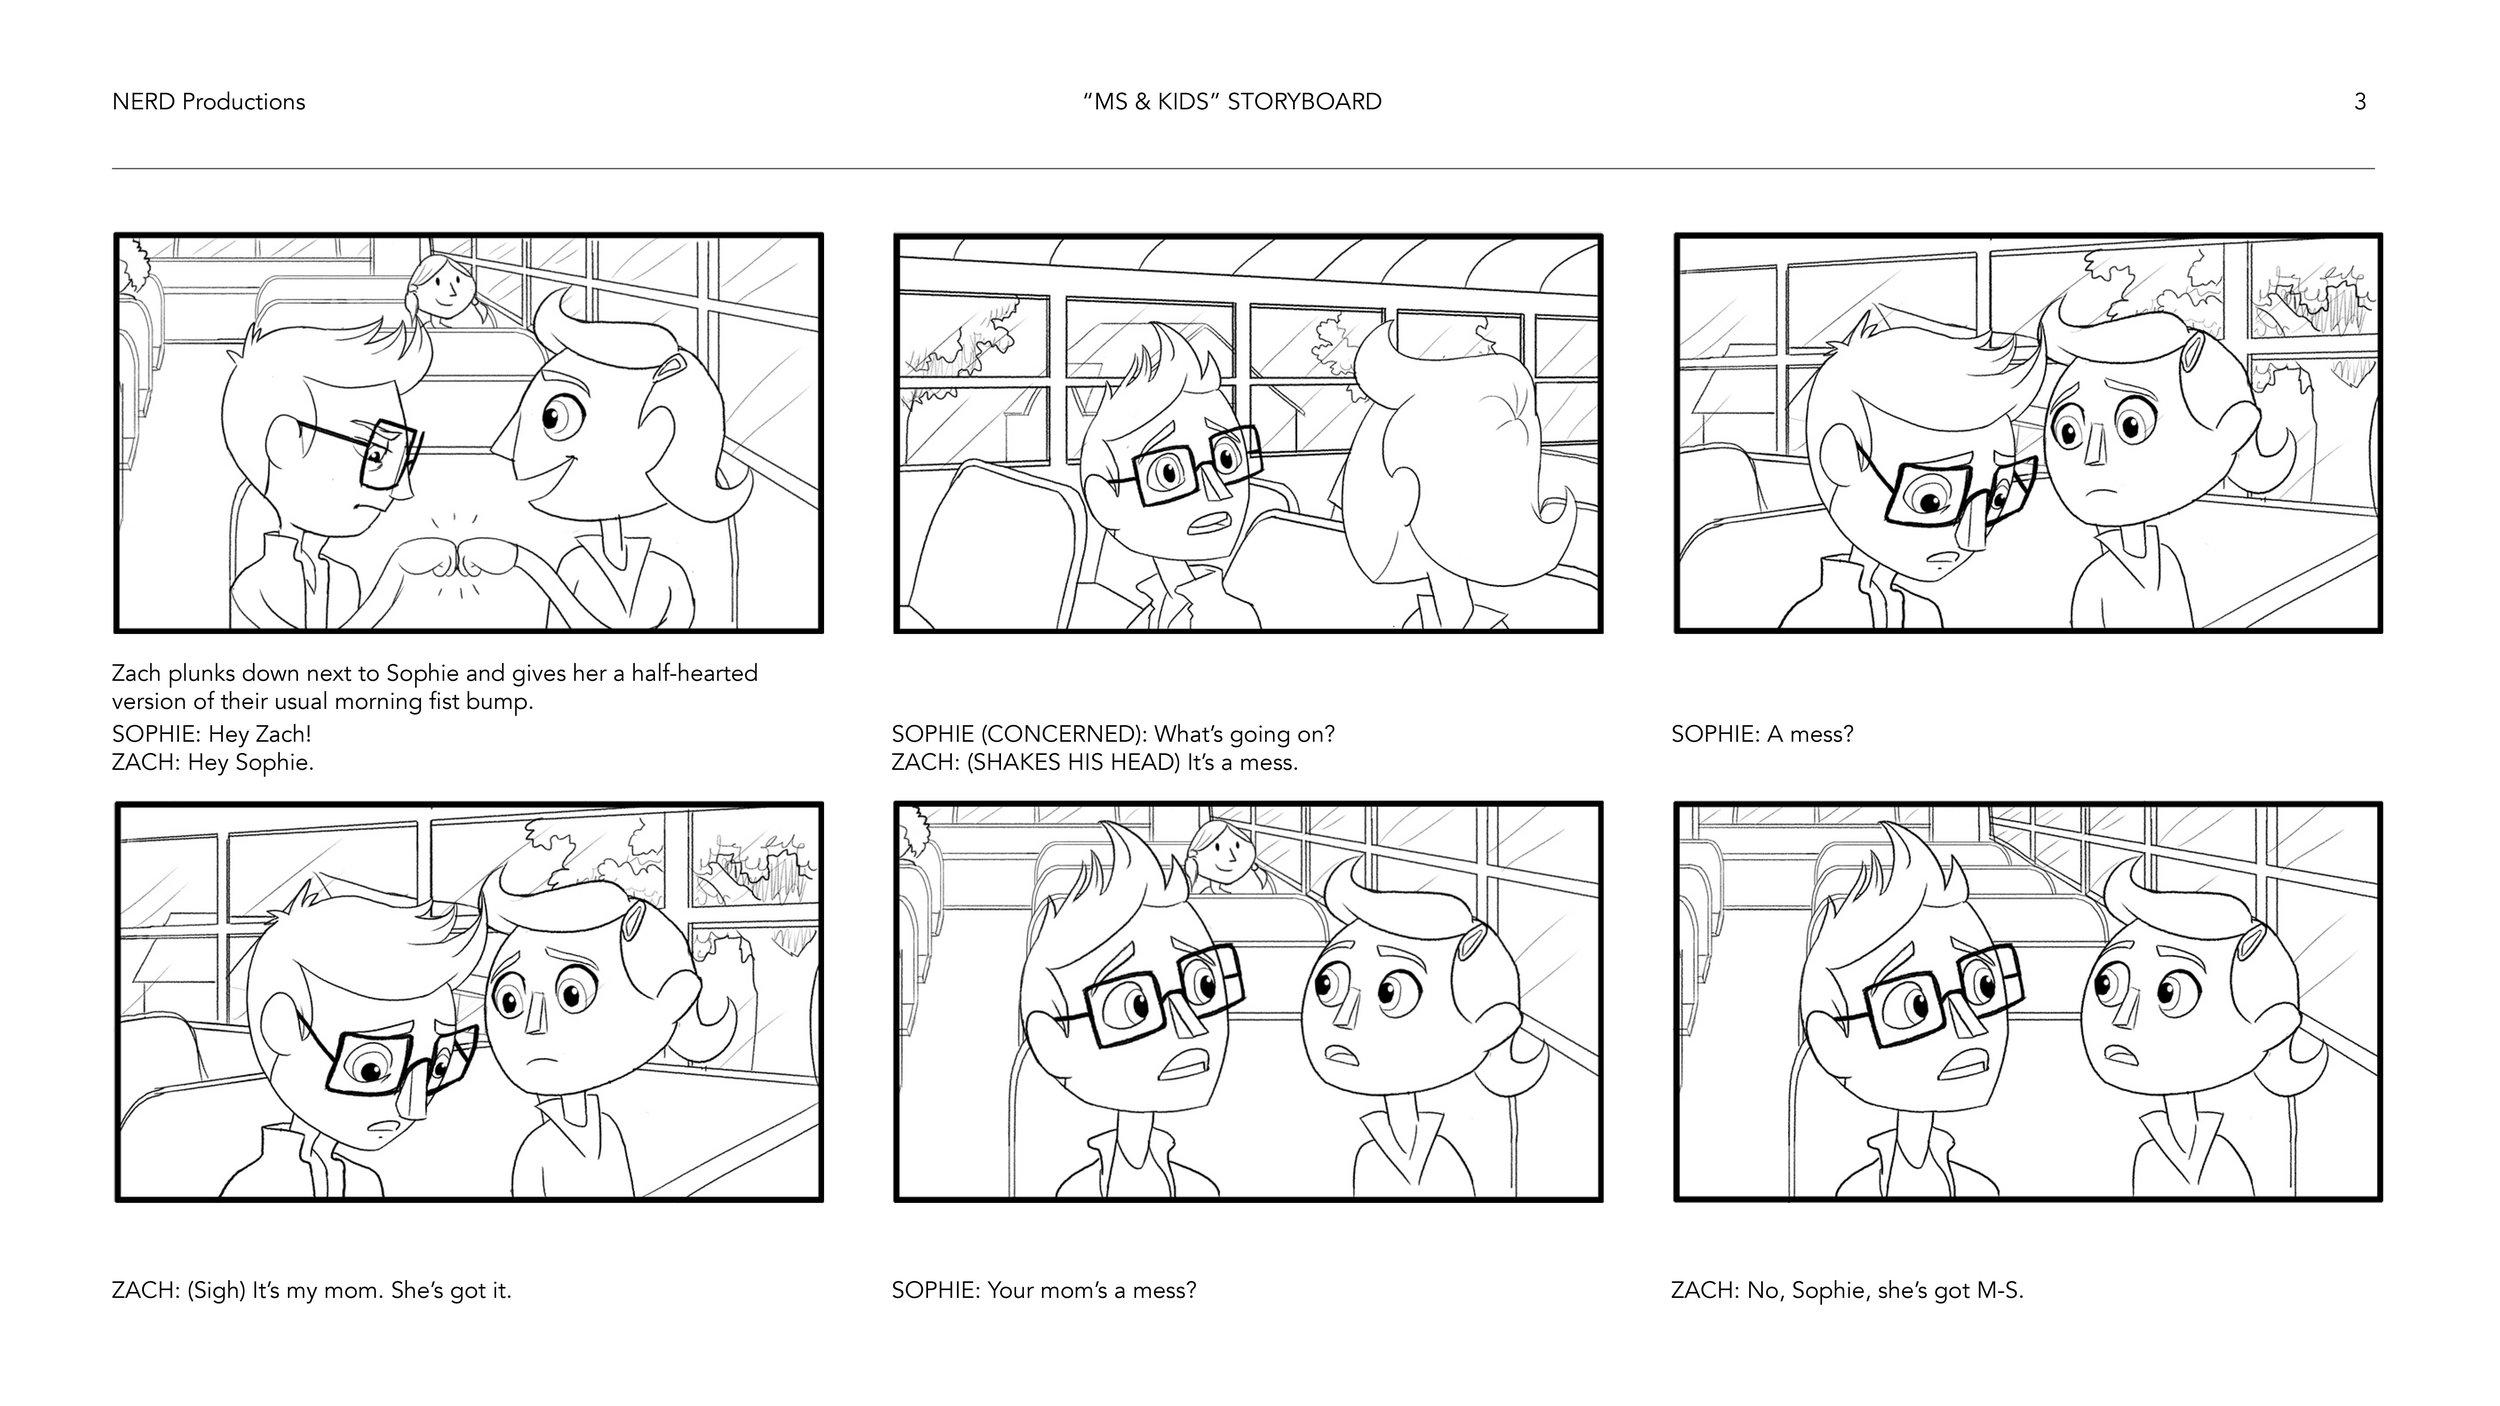 MS_KIDS_Storyboard-3.jpg